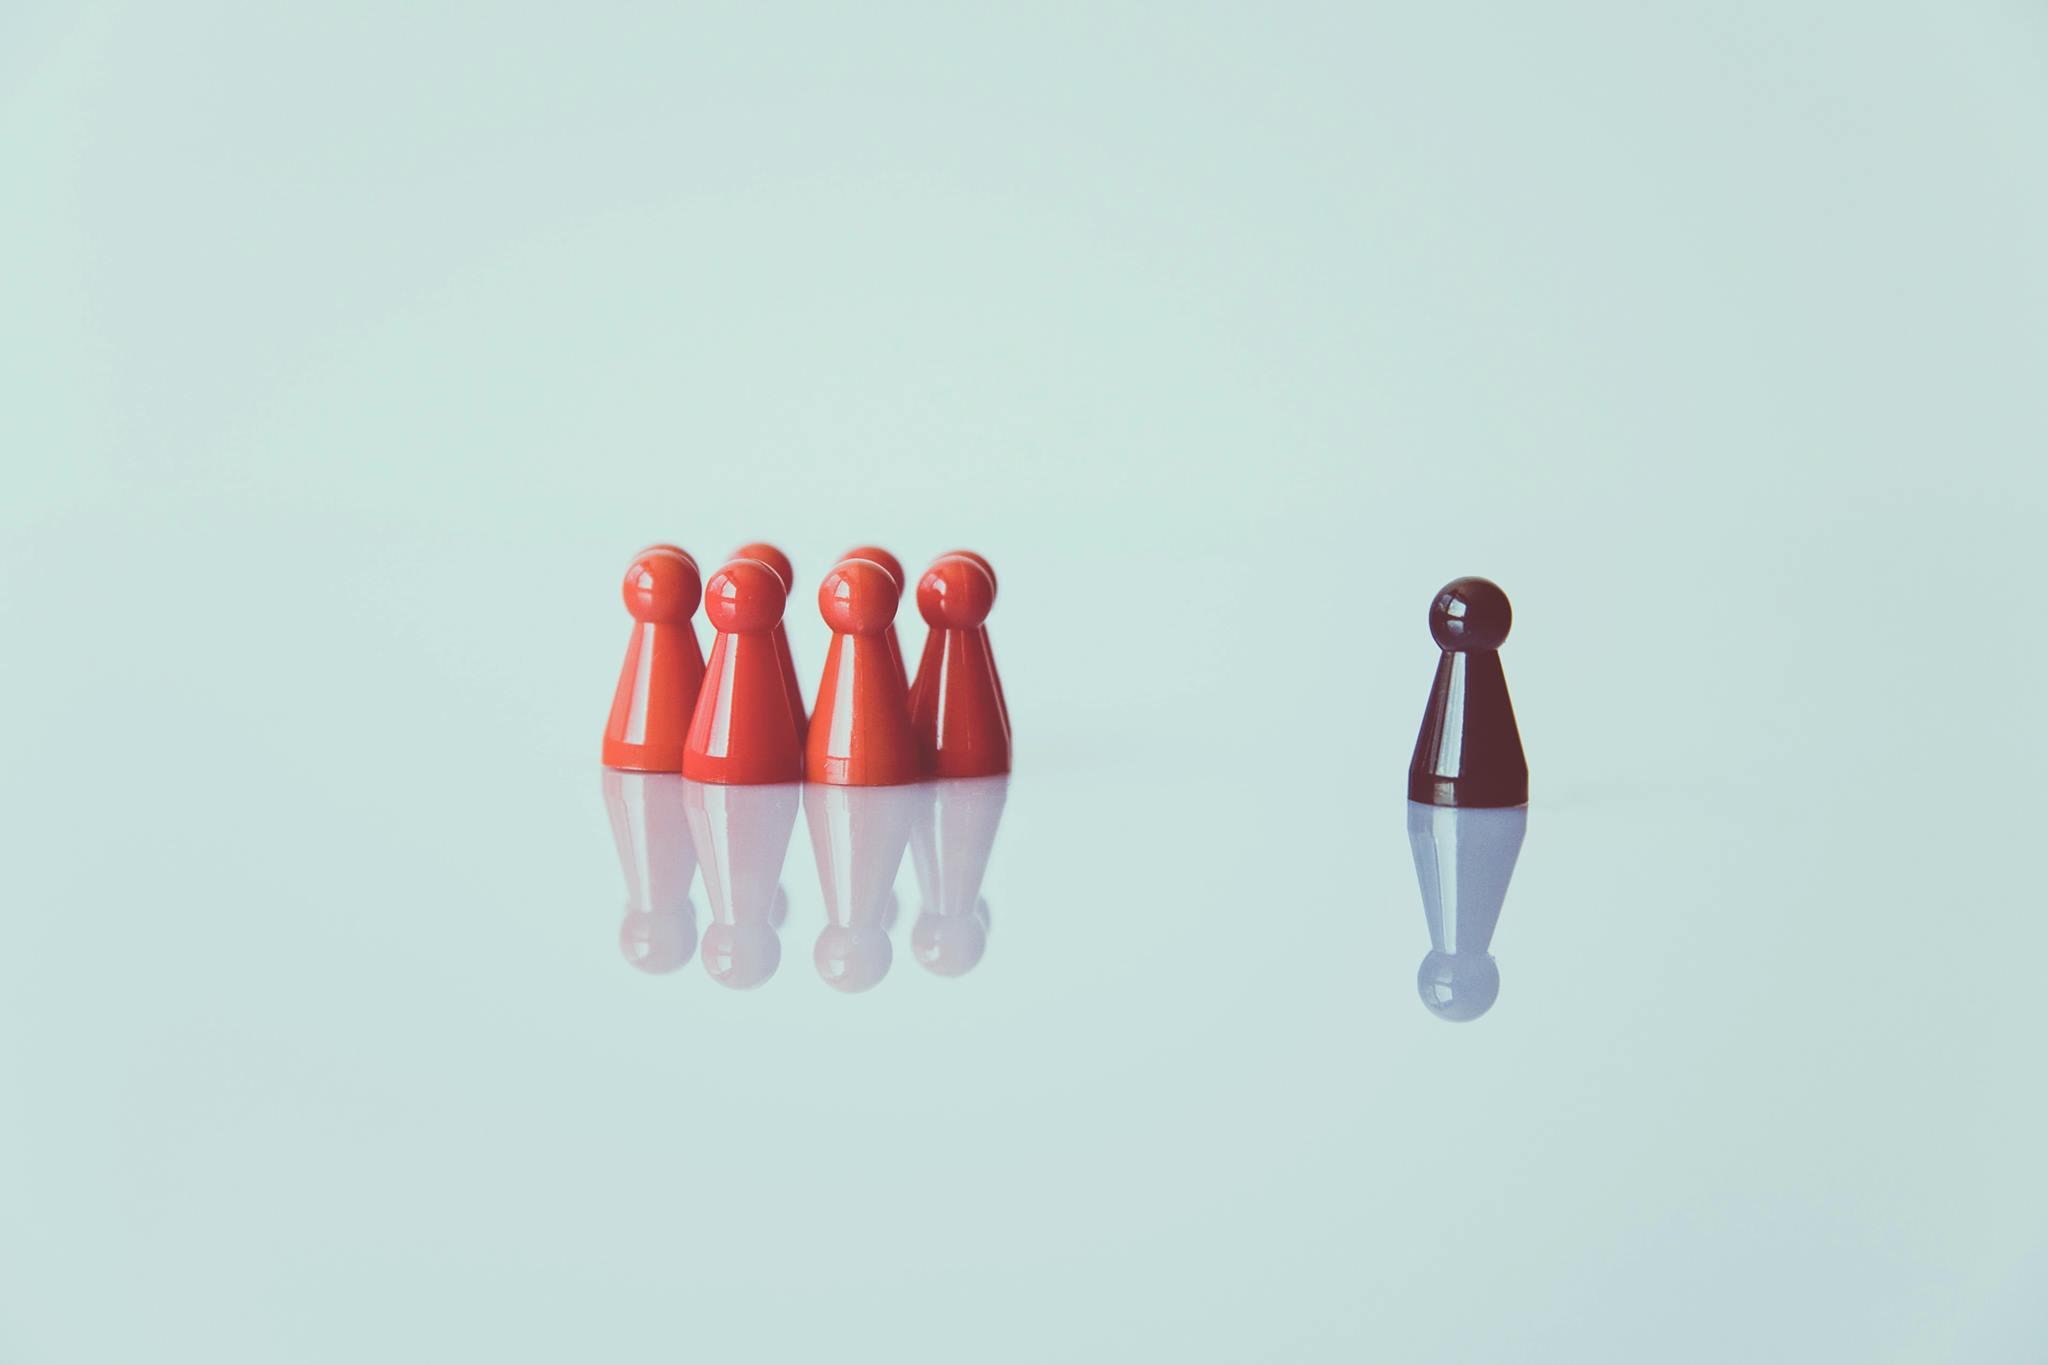 Die antiaufklärerische Dimension linker Identitätspolitik